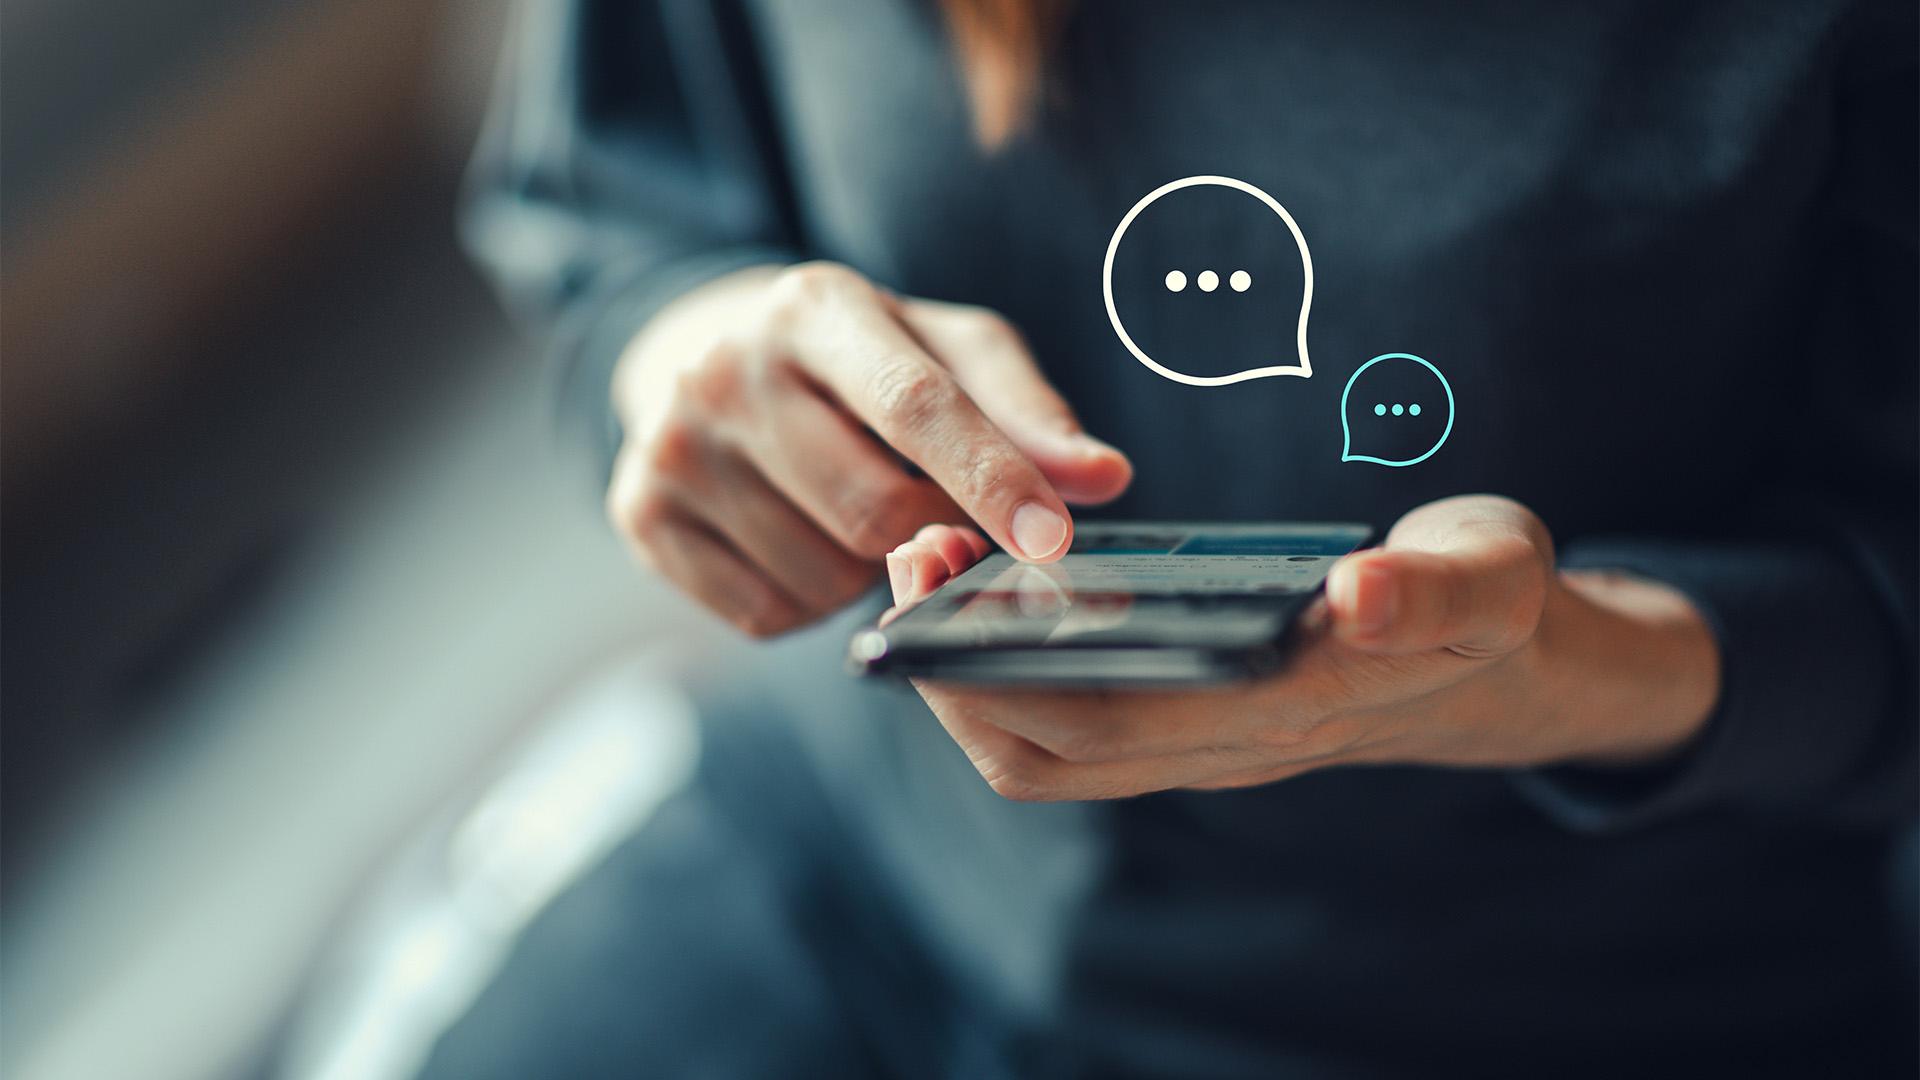 Megelepő eredményt hozott a magyarok telefonhasználati szokásait vizsgáló felmérés